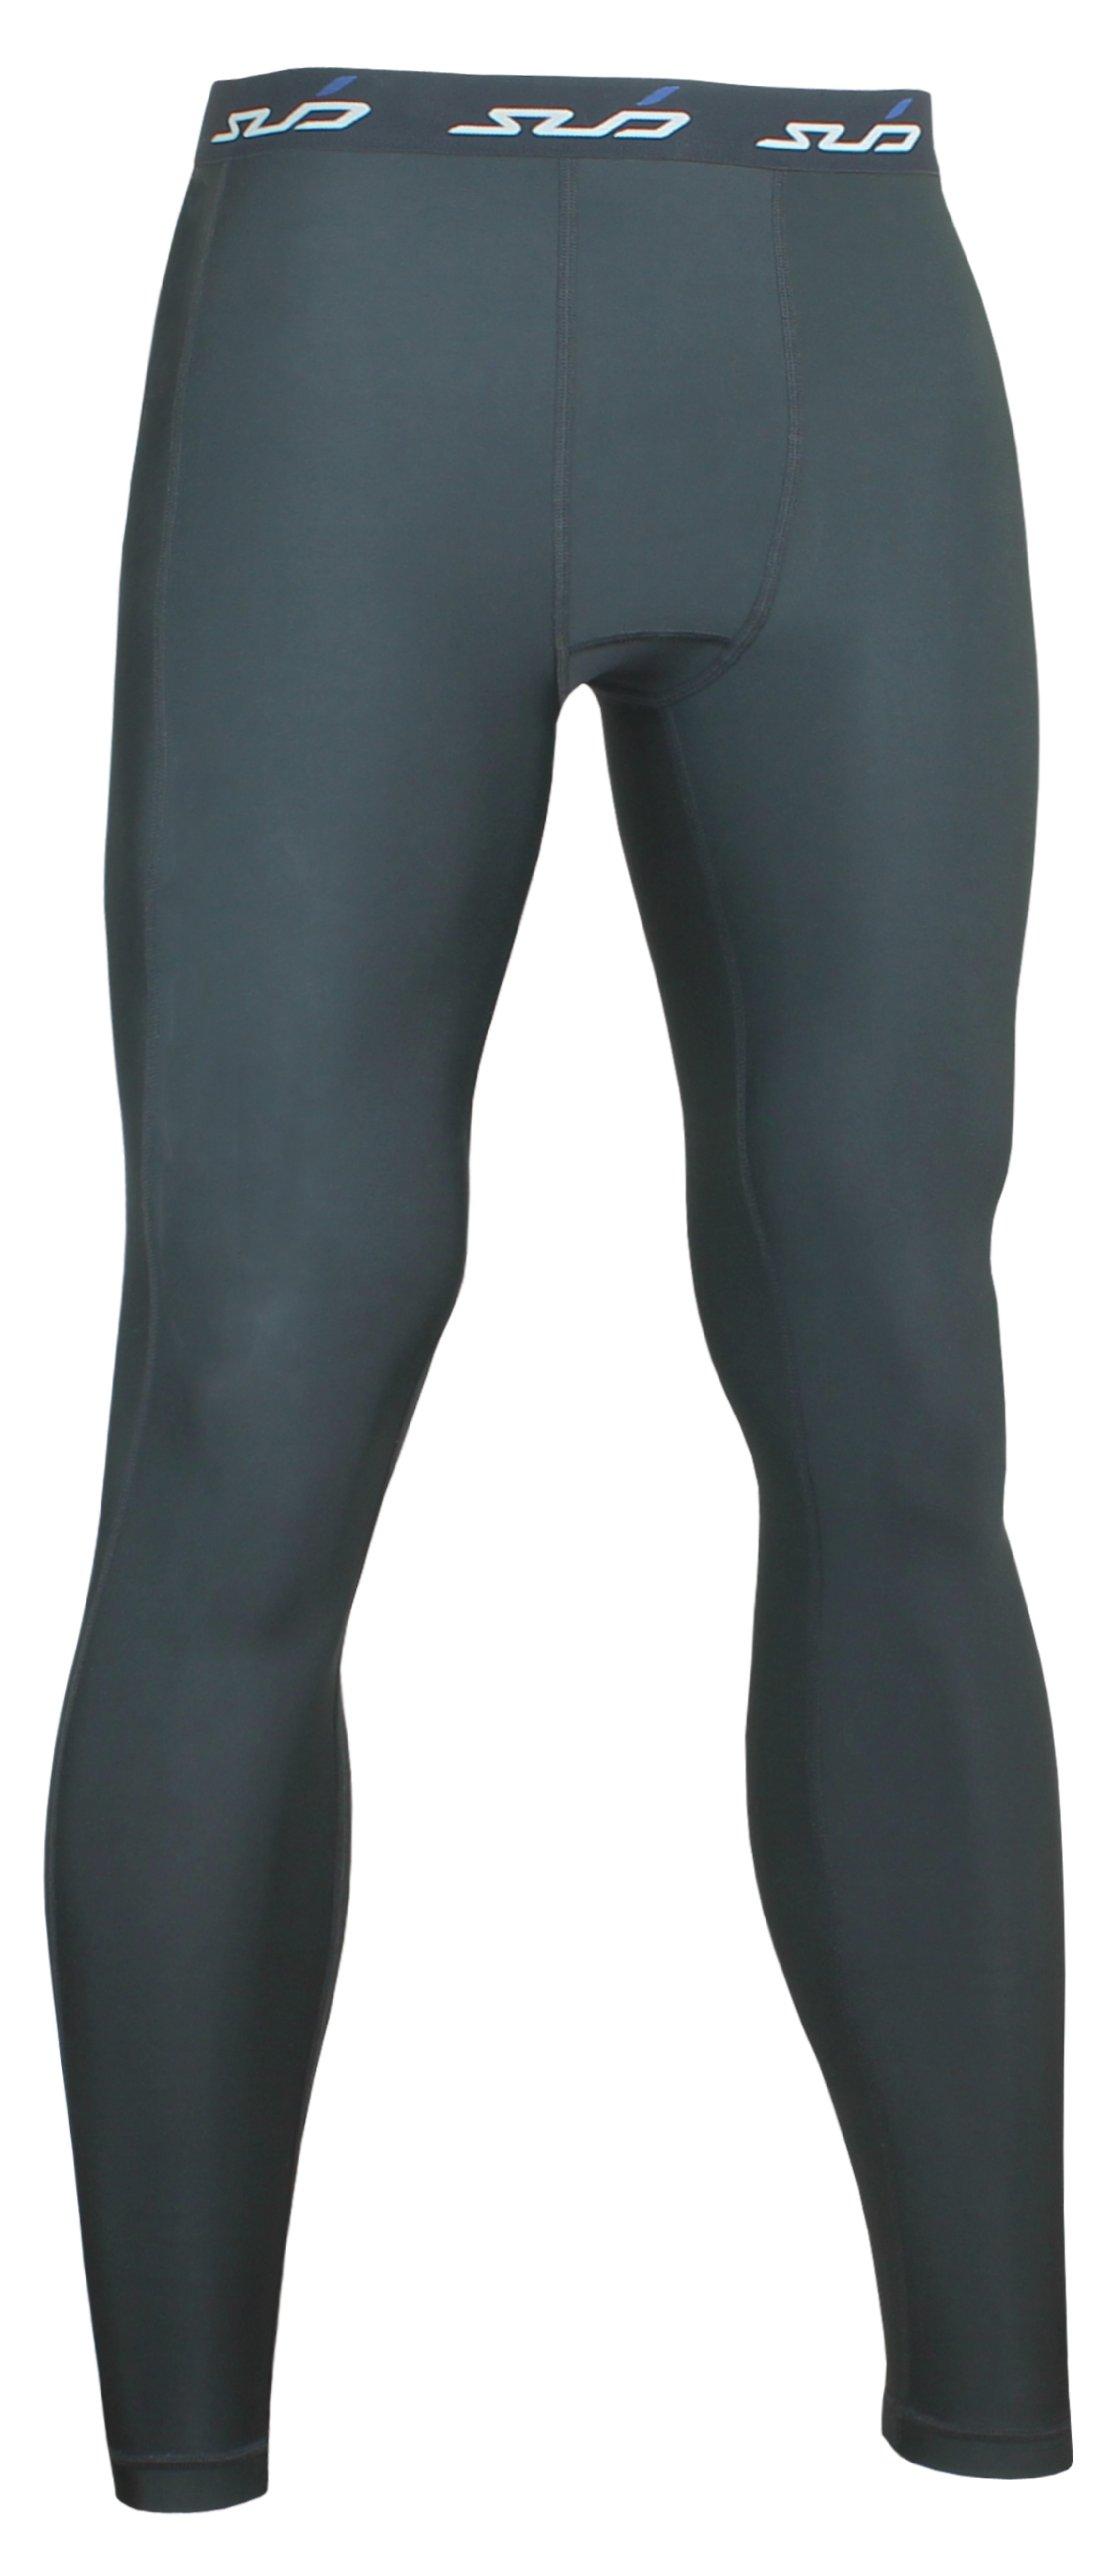 Sub Sports, Pantaloni termici di compressione Bambino, Nero (Schwarz), 152/164 cm, taglia produttore